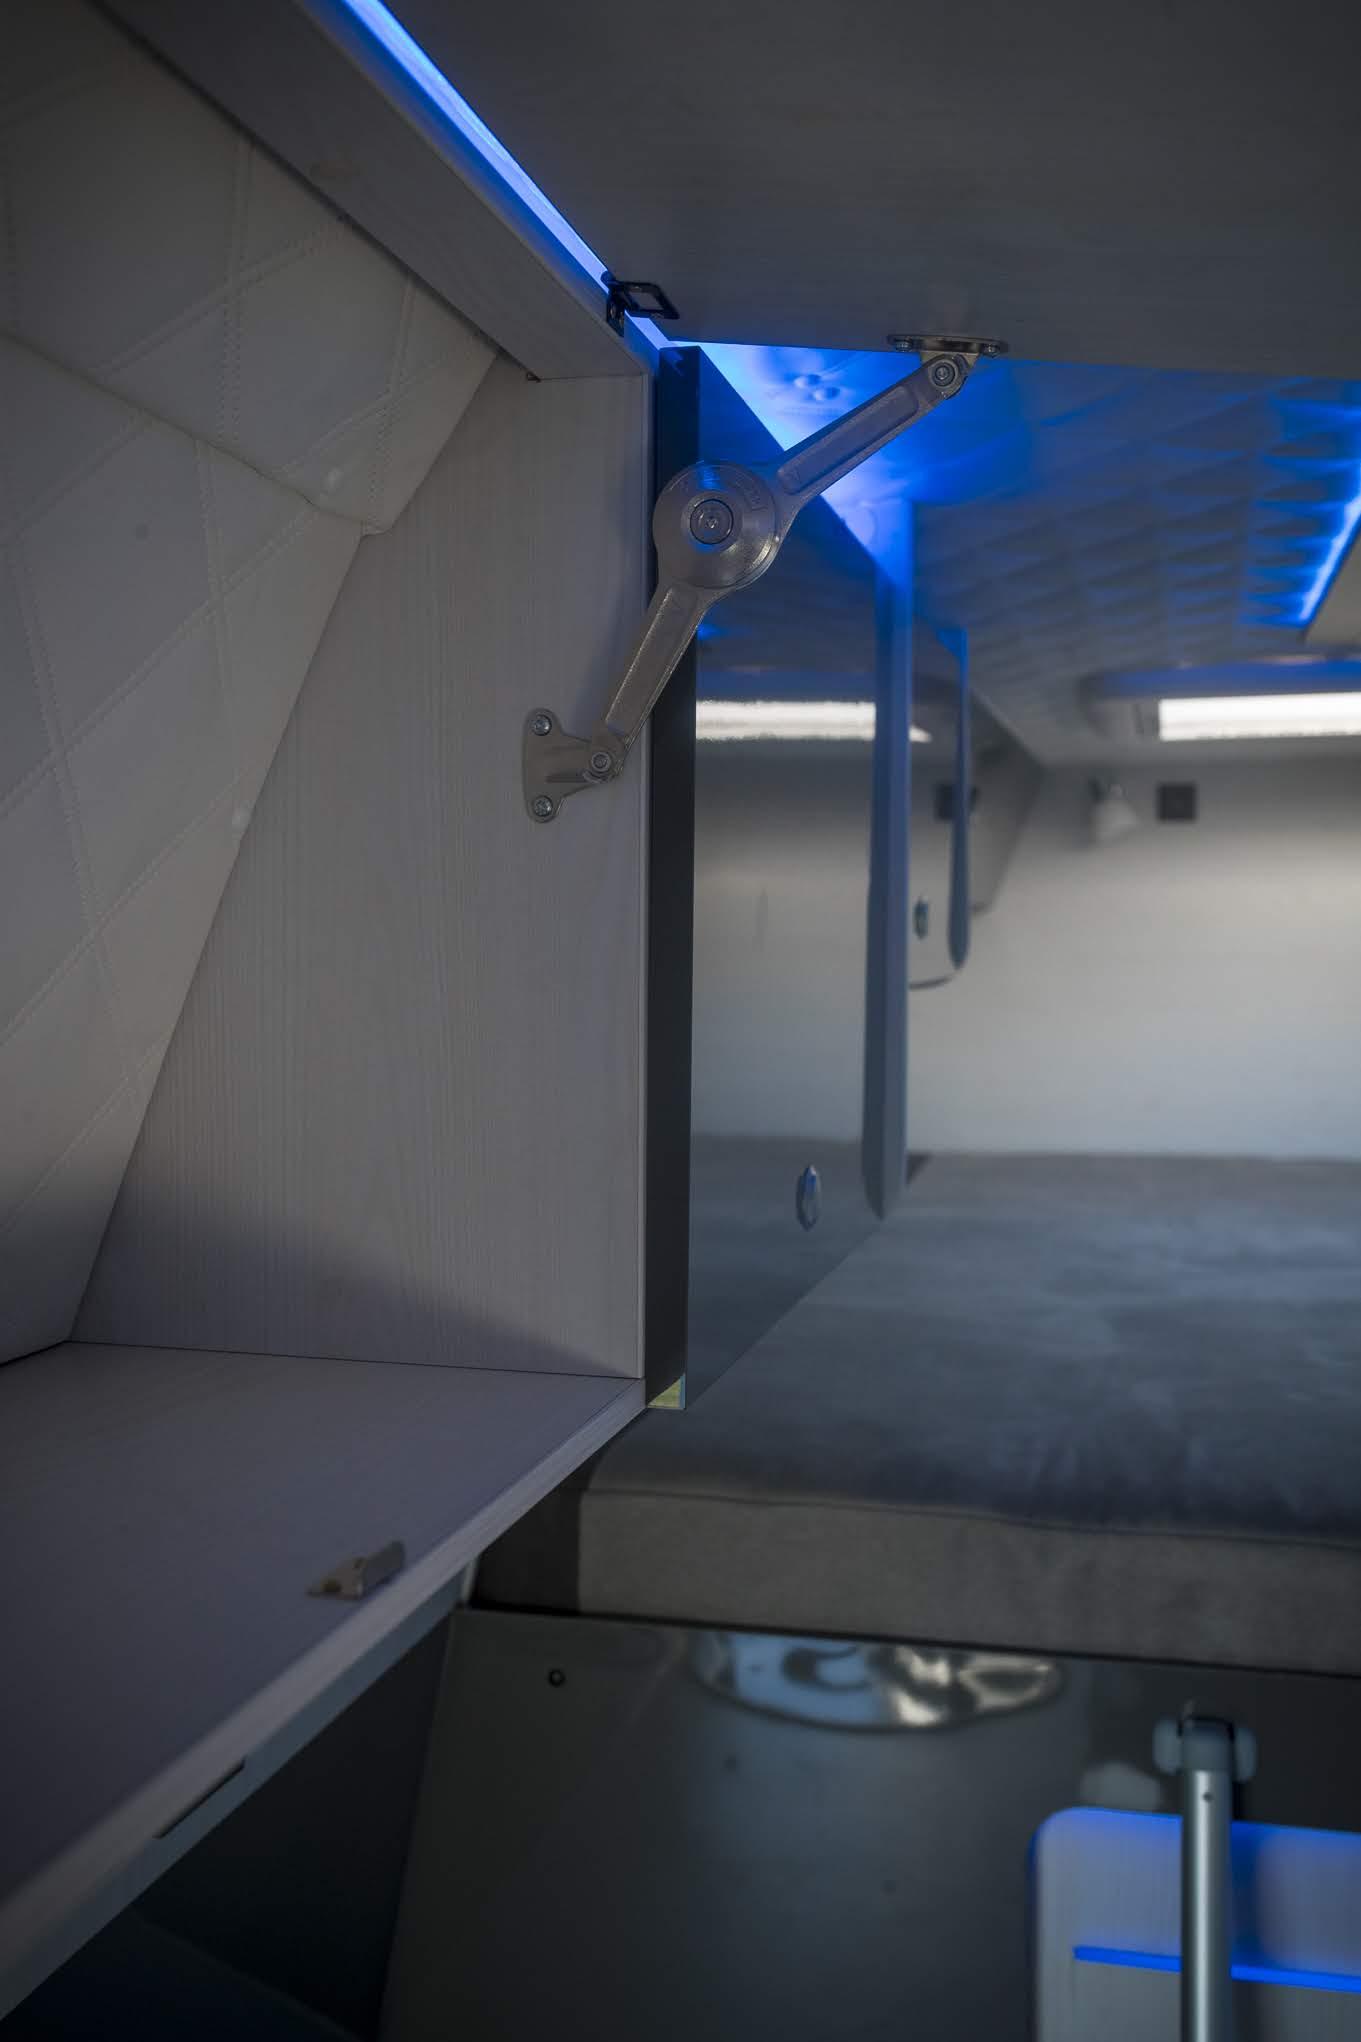 CBE hauptschalter VR camper VR renntransporter kastenwagen Dieselheizung webasto truma dual top evo 4 6 8 mit fernbedienung wechselrichter 220v föhn i camper wohnmobil